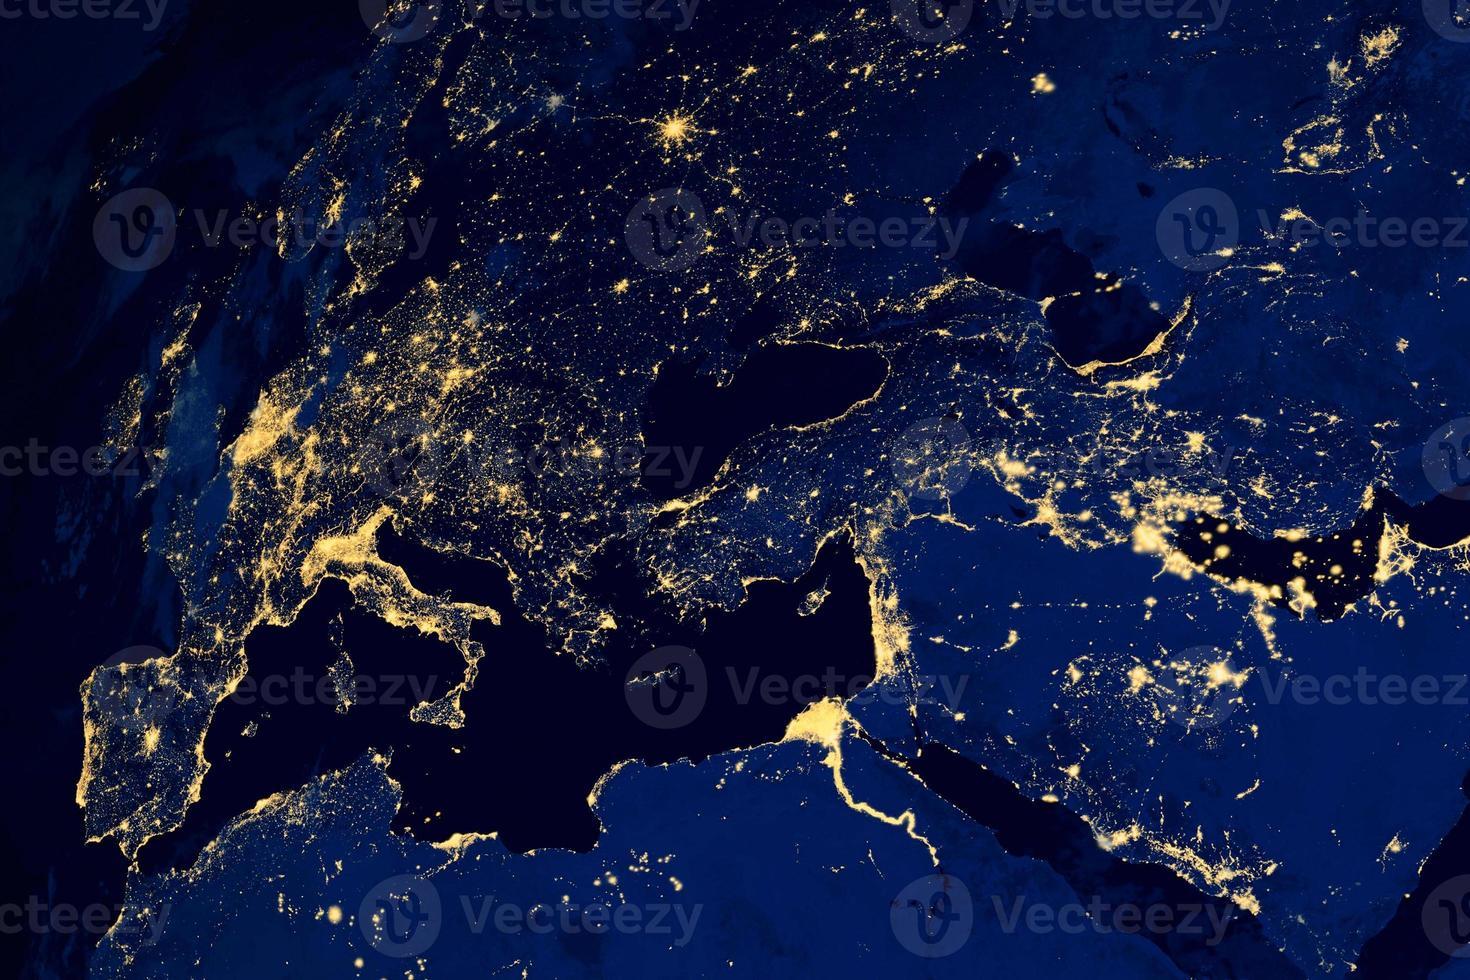 Carte satellite des villes européennes la nuit photo